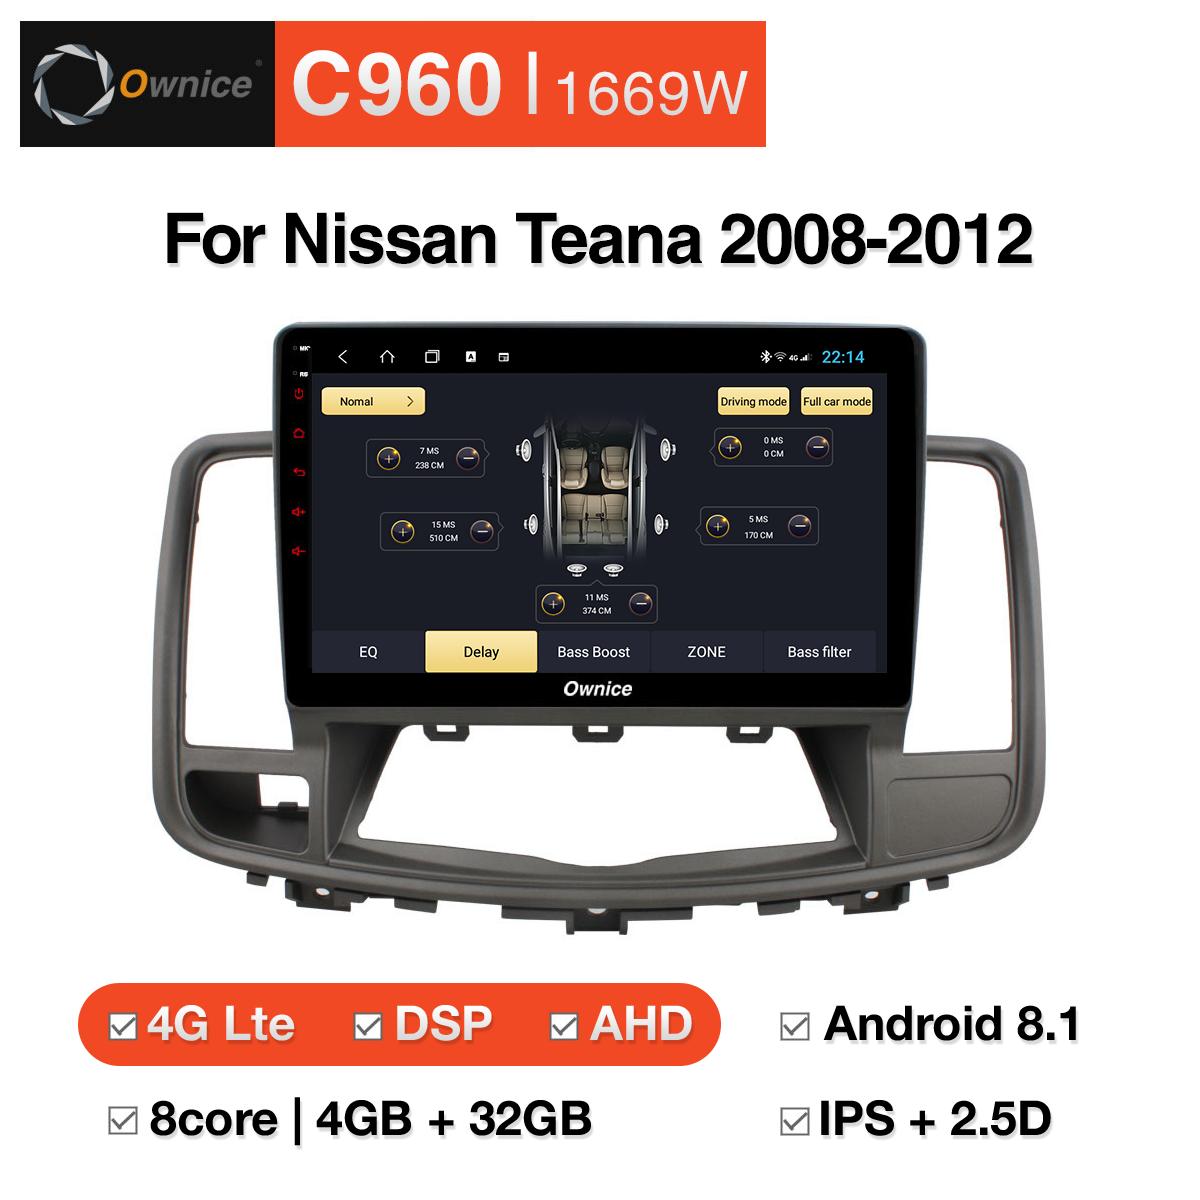 Đầu DVD android Ownice C960 cho xe ô tô Nissan Teana 2008-2012:: OL-1669W